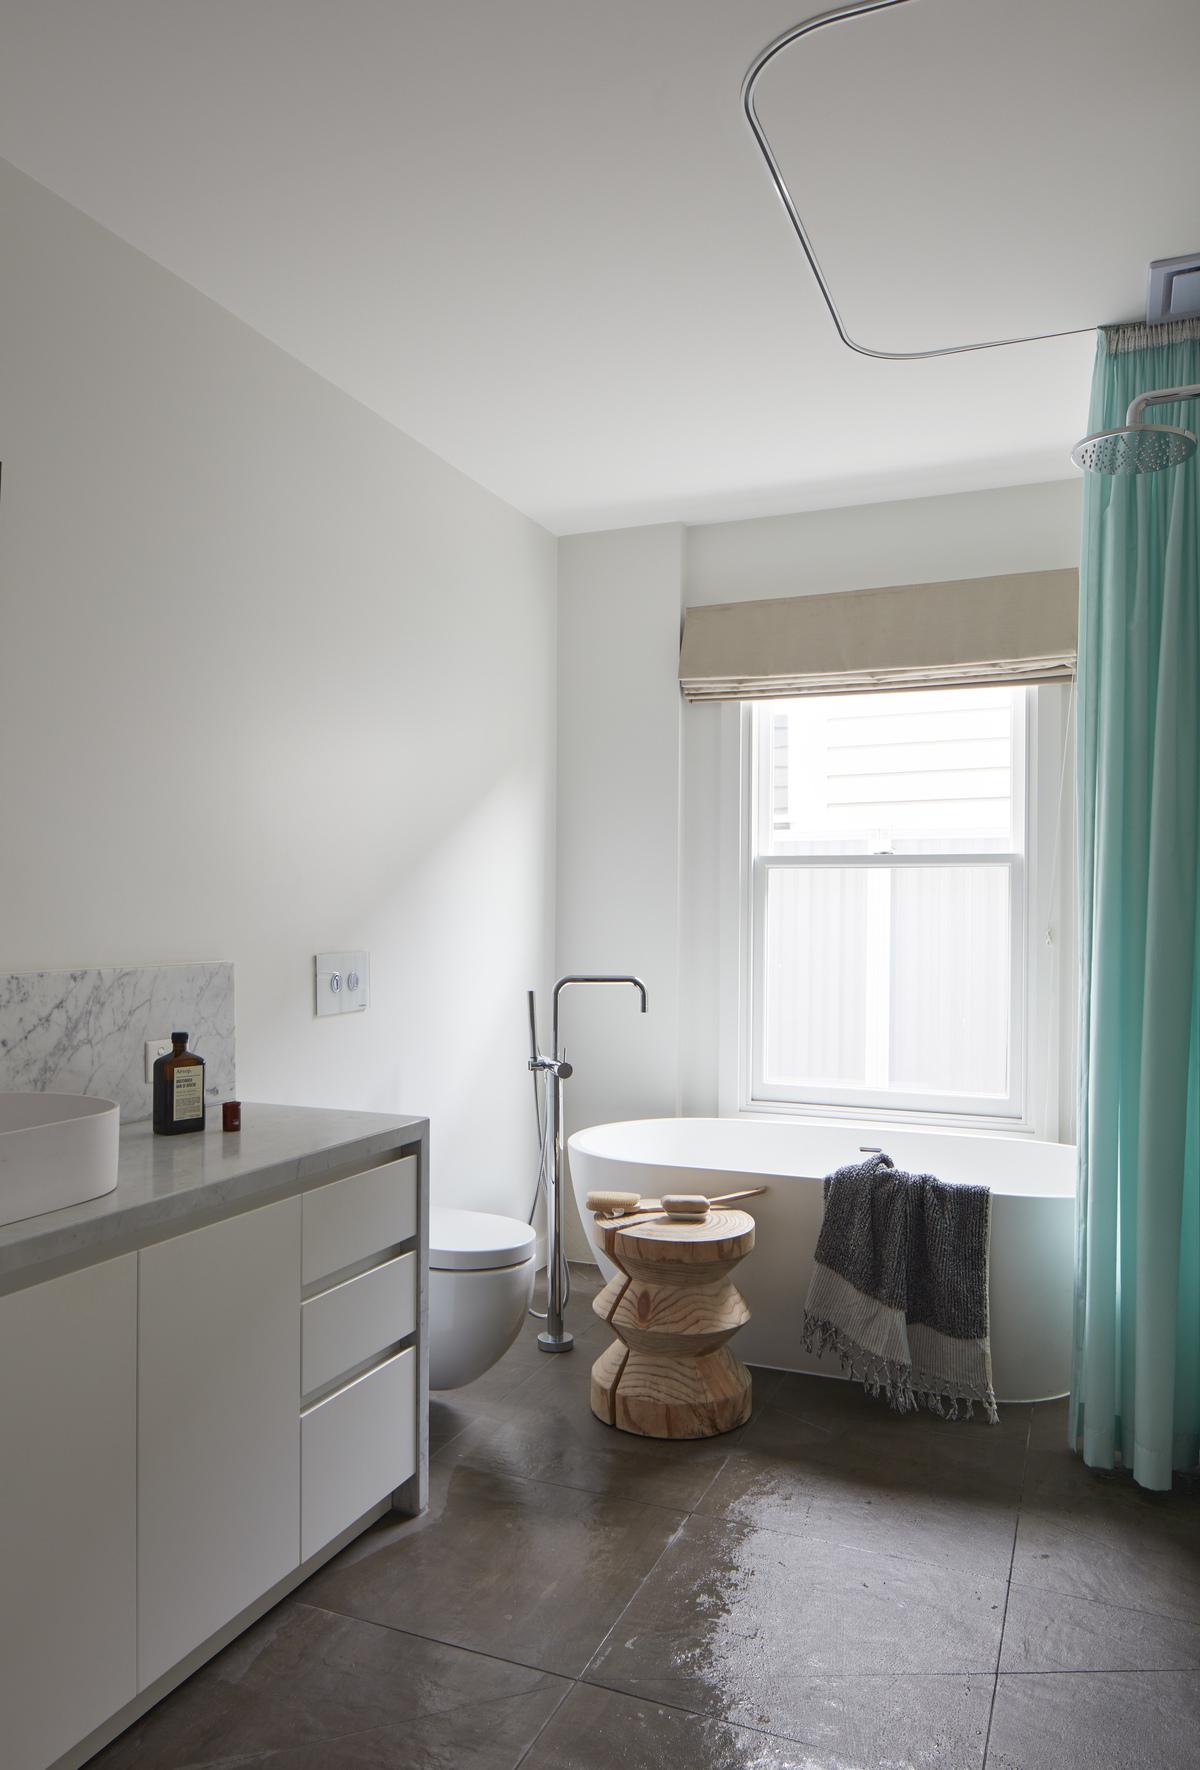 Australian Design, Kingsville Residence by Richard King Design, Melbourne, VIC, Australia (4)